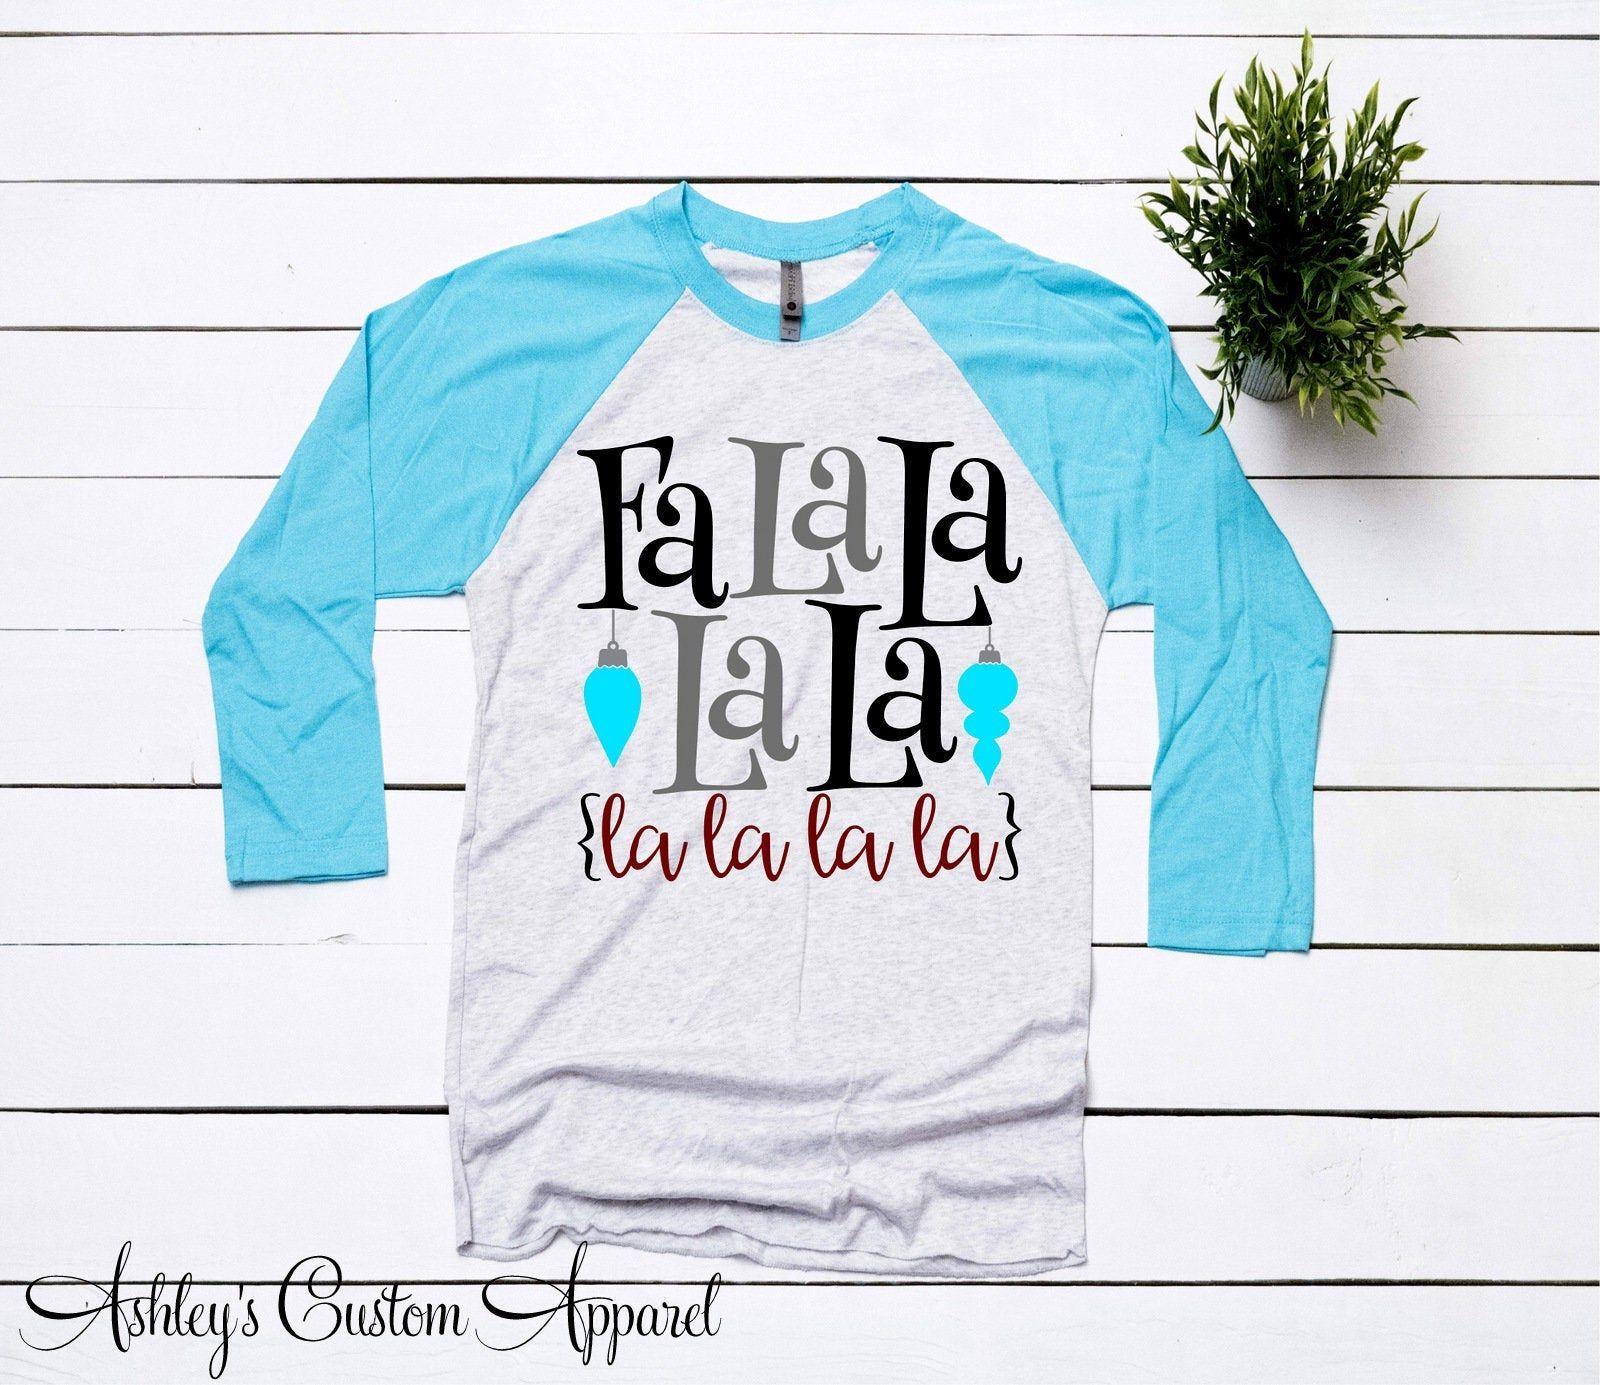 Christmas Shirts For Women Fa La La La La Shirt Ladies Holiday Raglan Christmas Song Tshirts ...